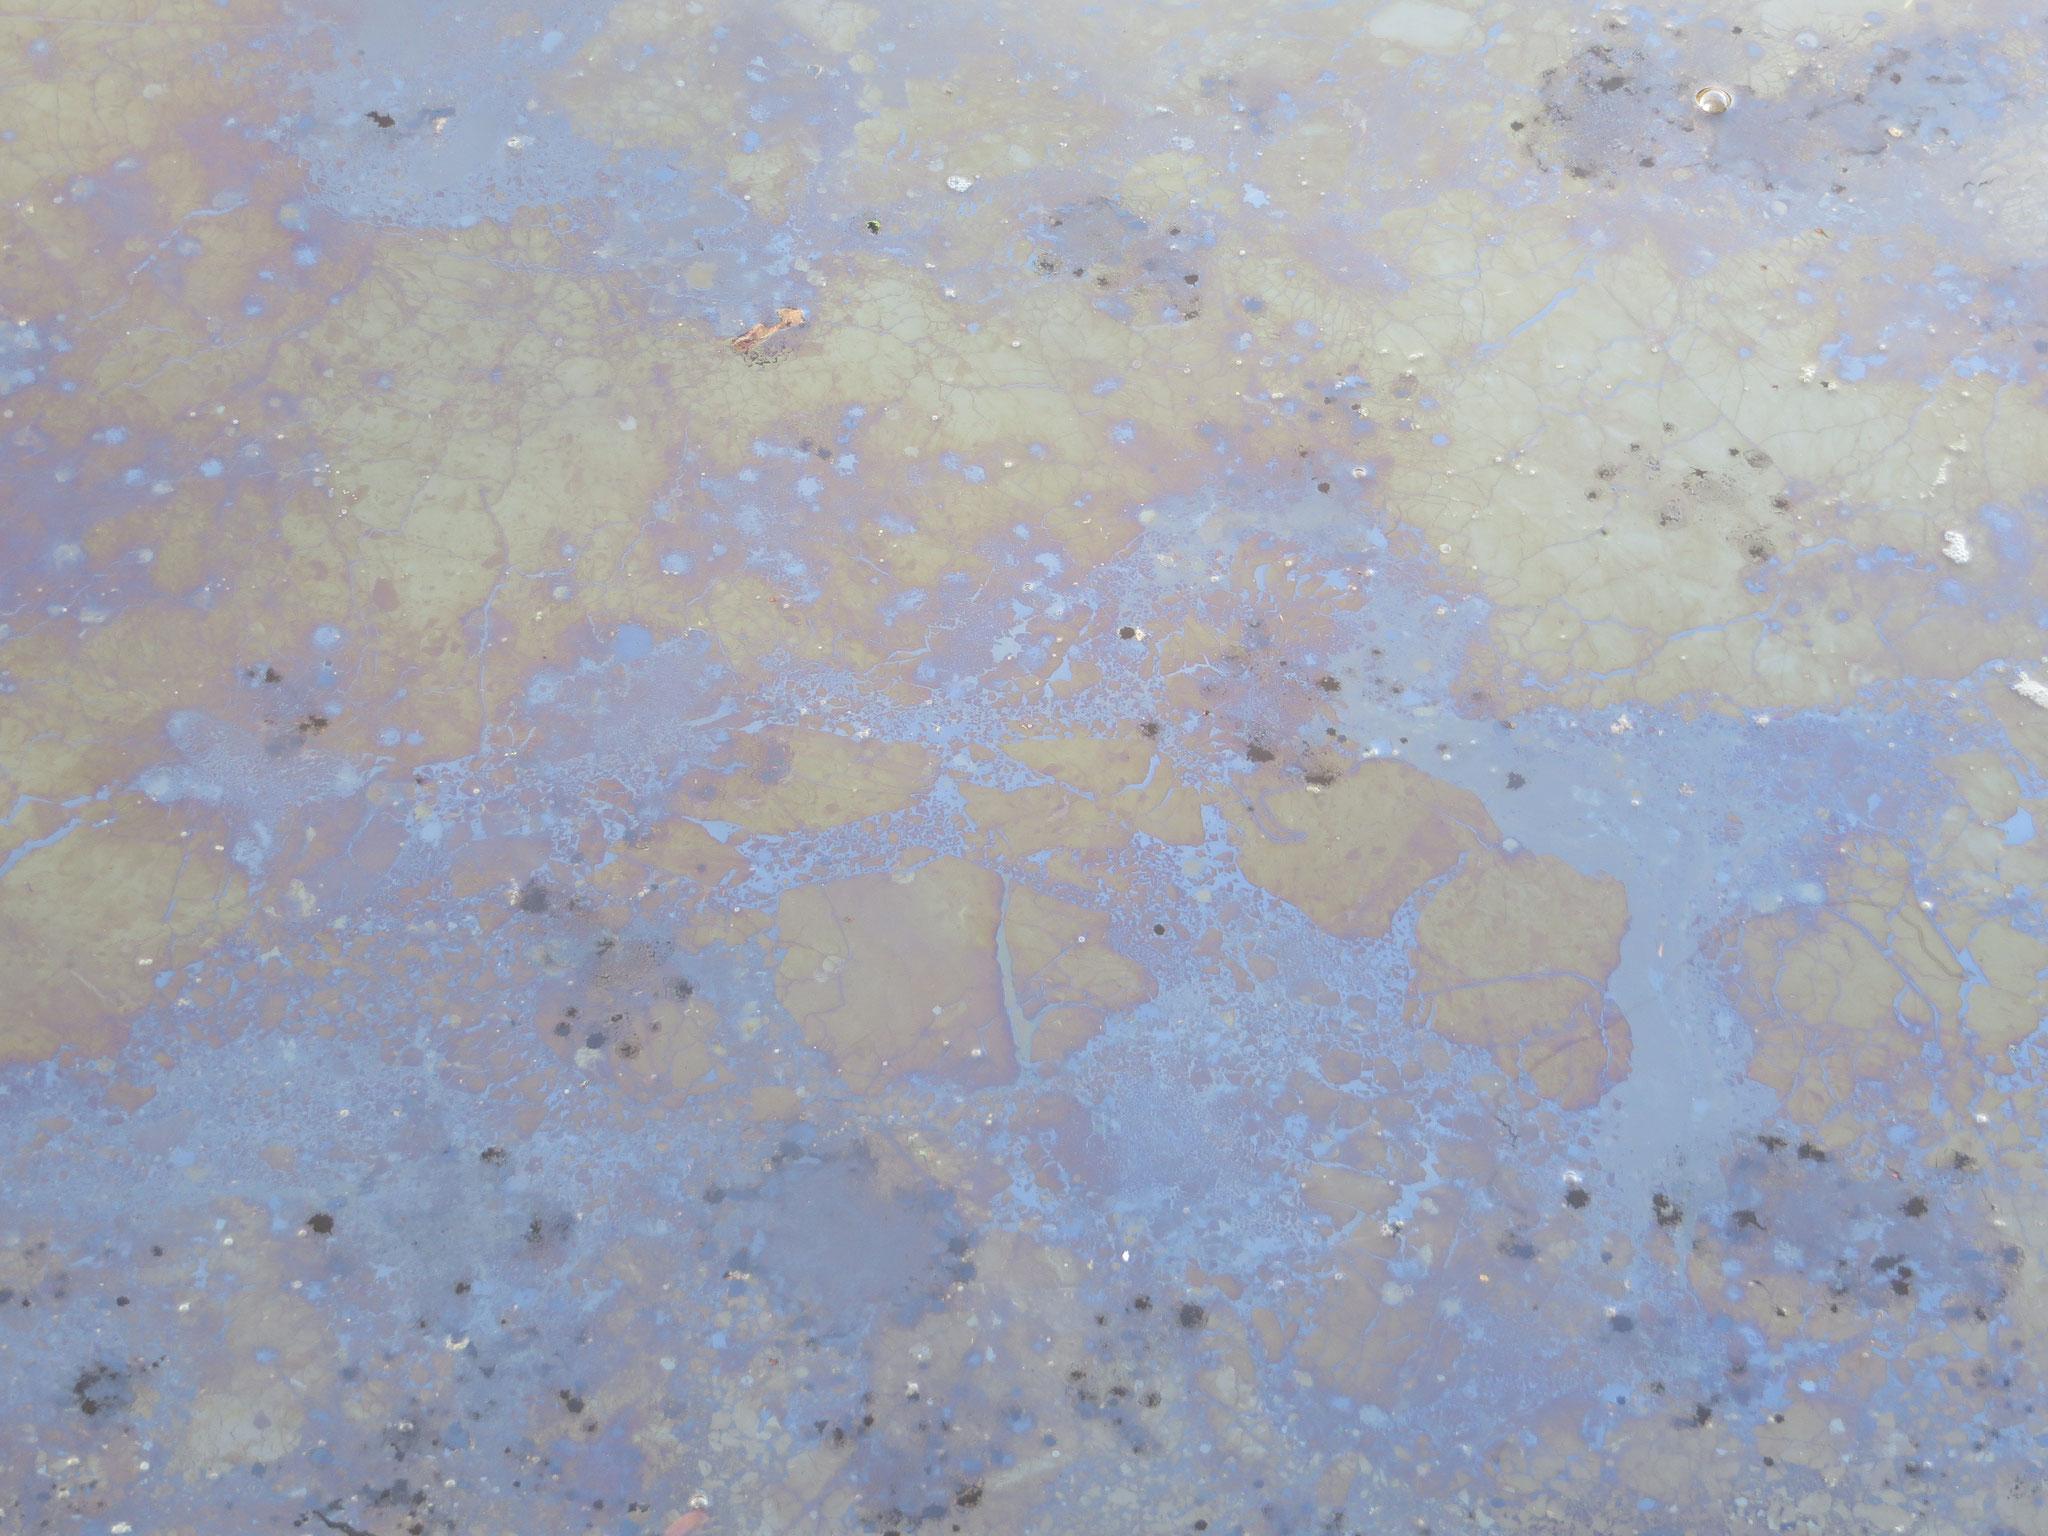 Kleurenpatroon van ijzerbacteriën.